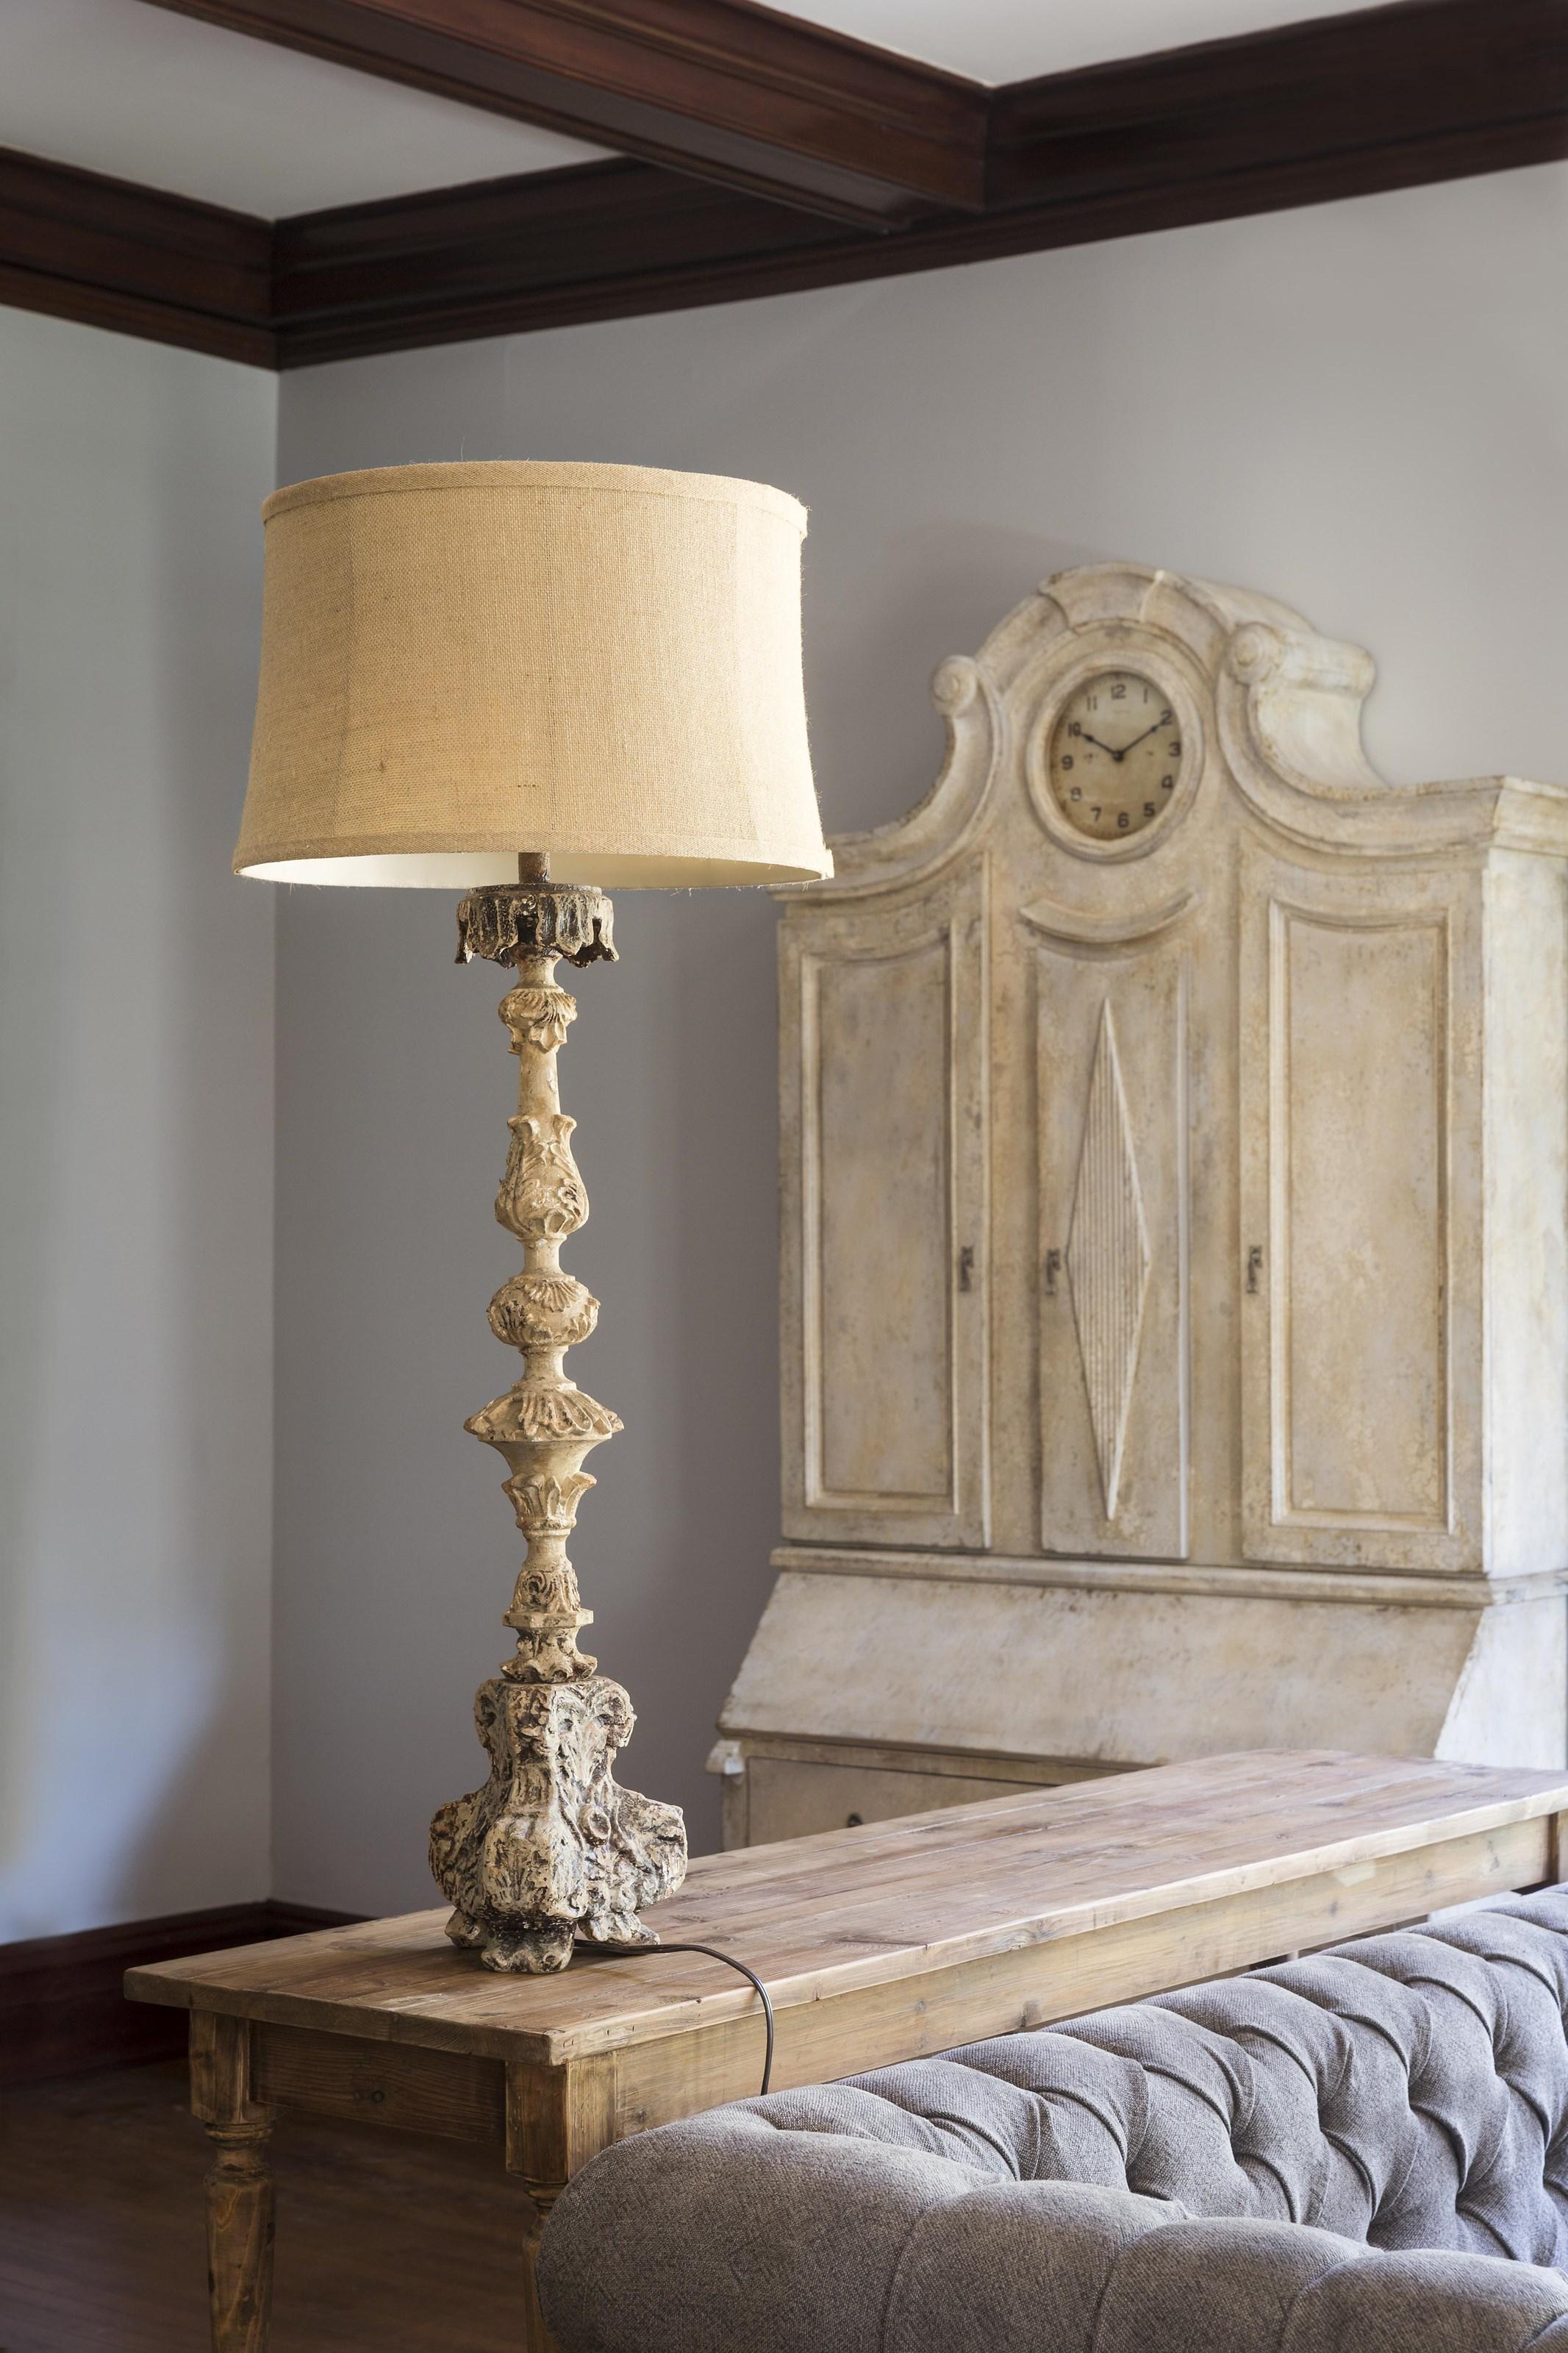 Jolie Maison Lamp